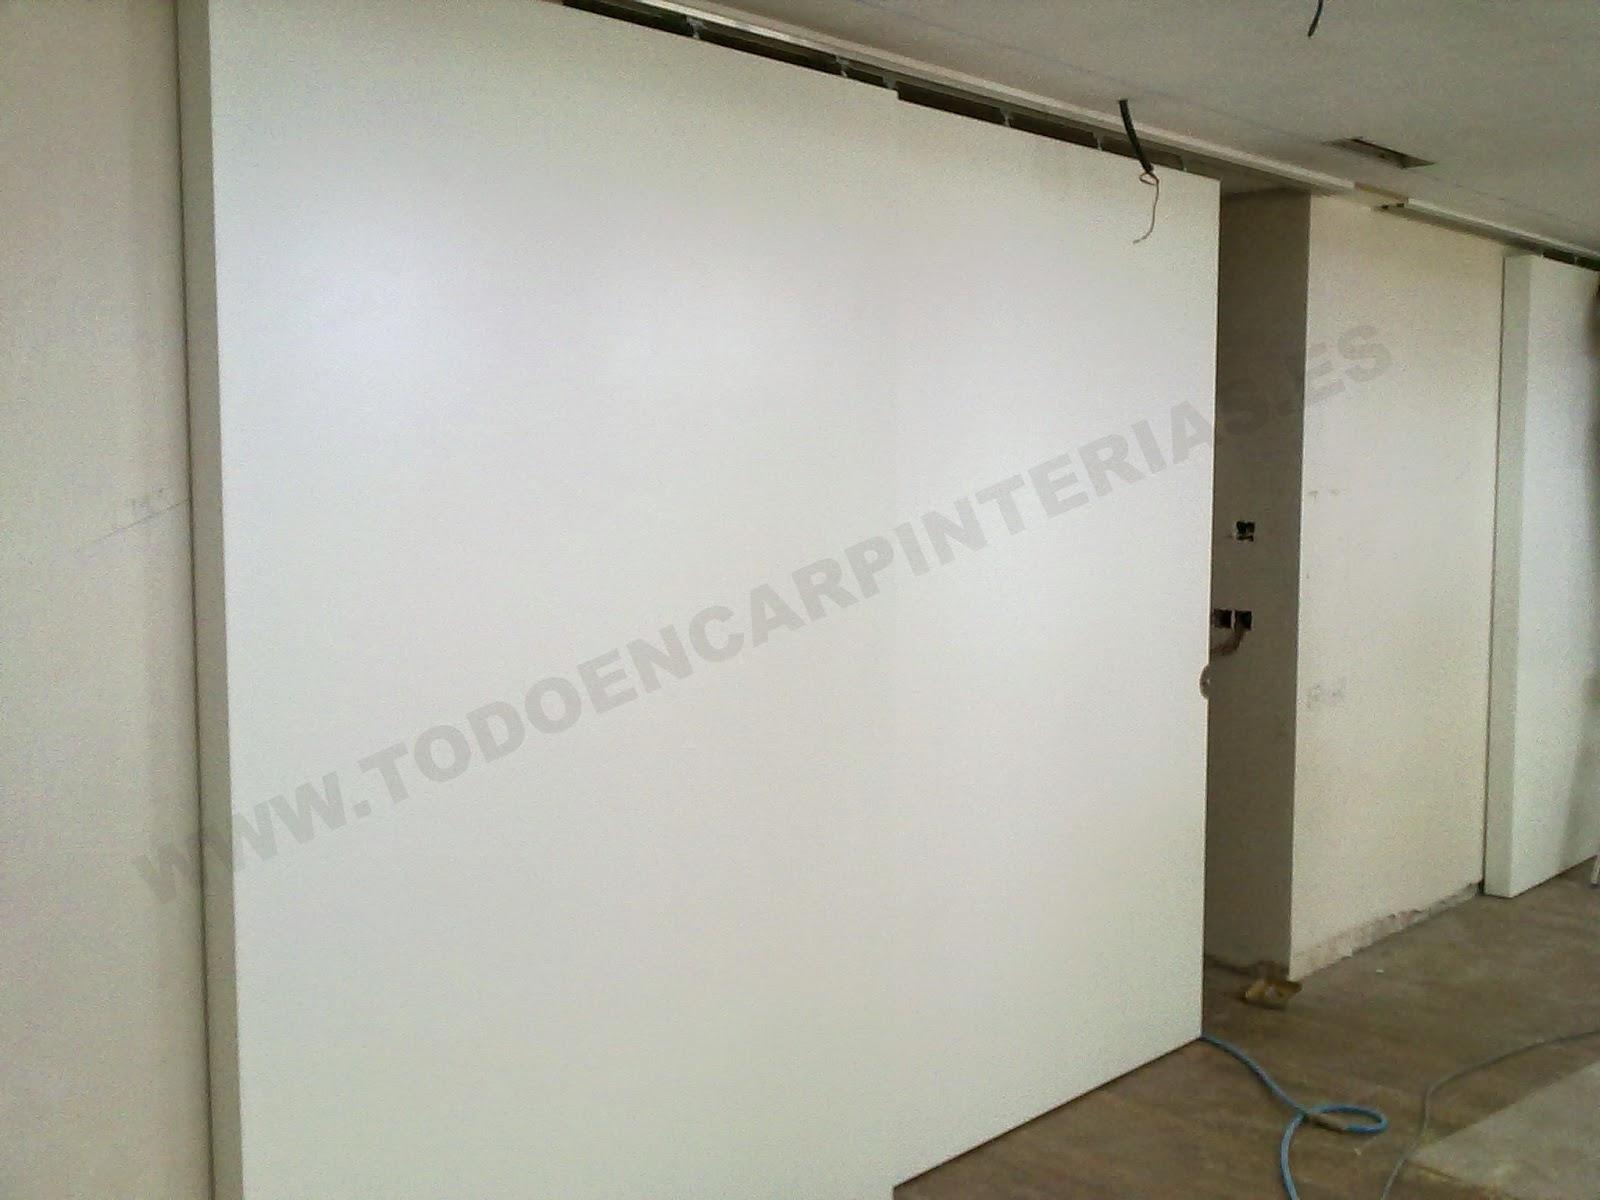 Puertas correderas blancas de gran tamaño para separar ambientes.